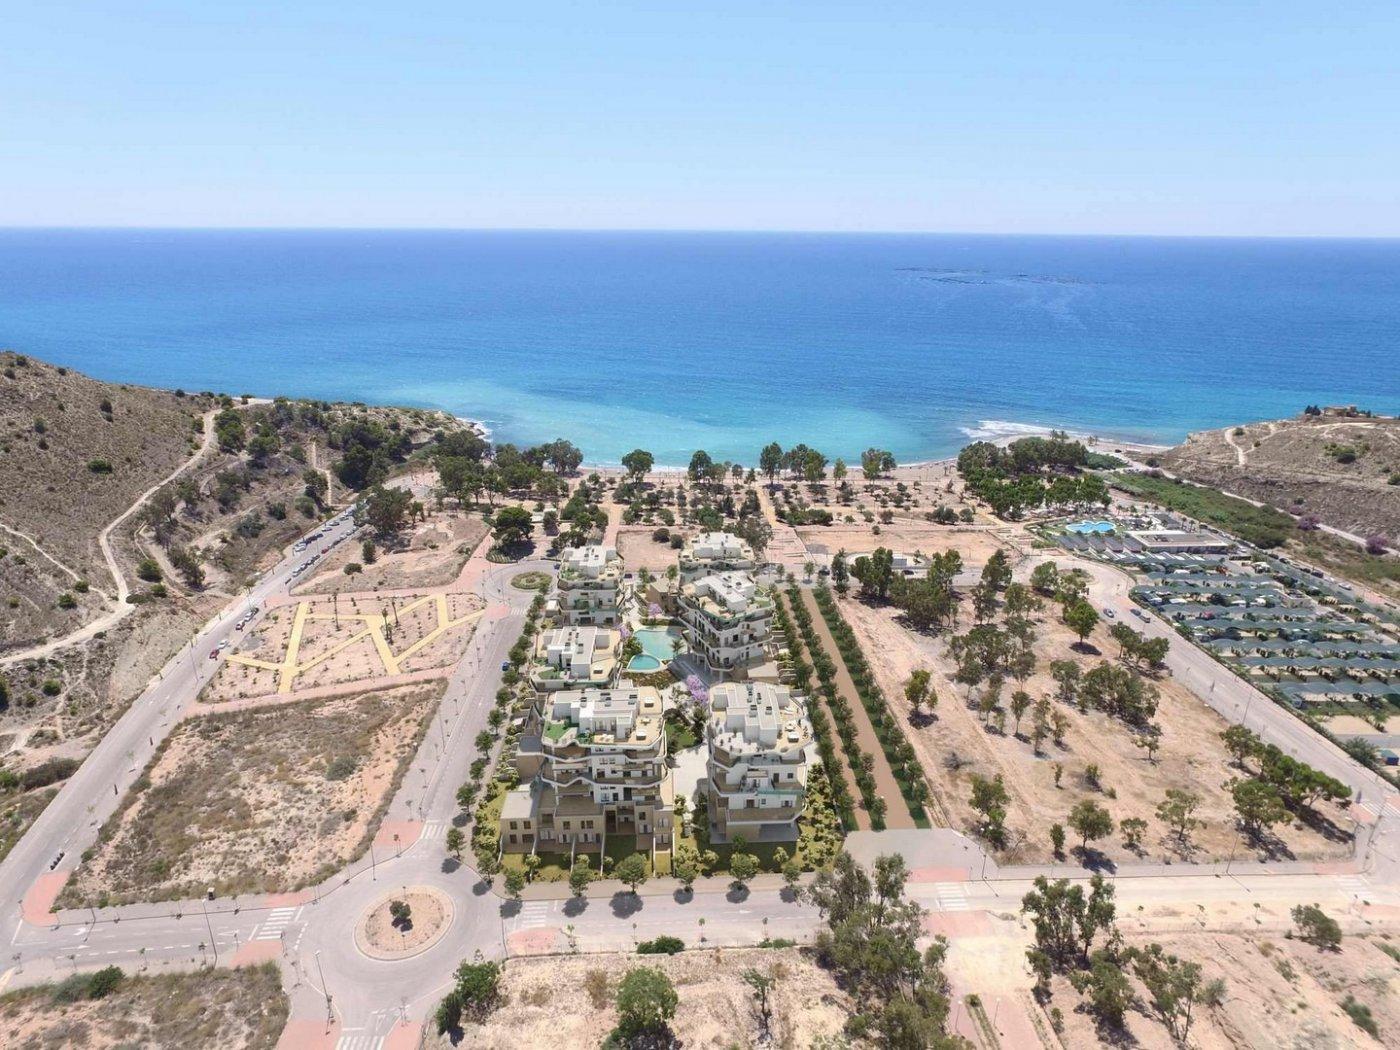 Doce exclusivas viviendas en primera línea del mar en villajoyosa - imagenInmueble9